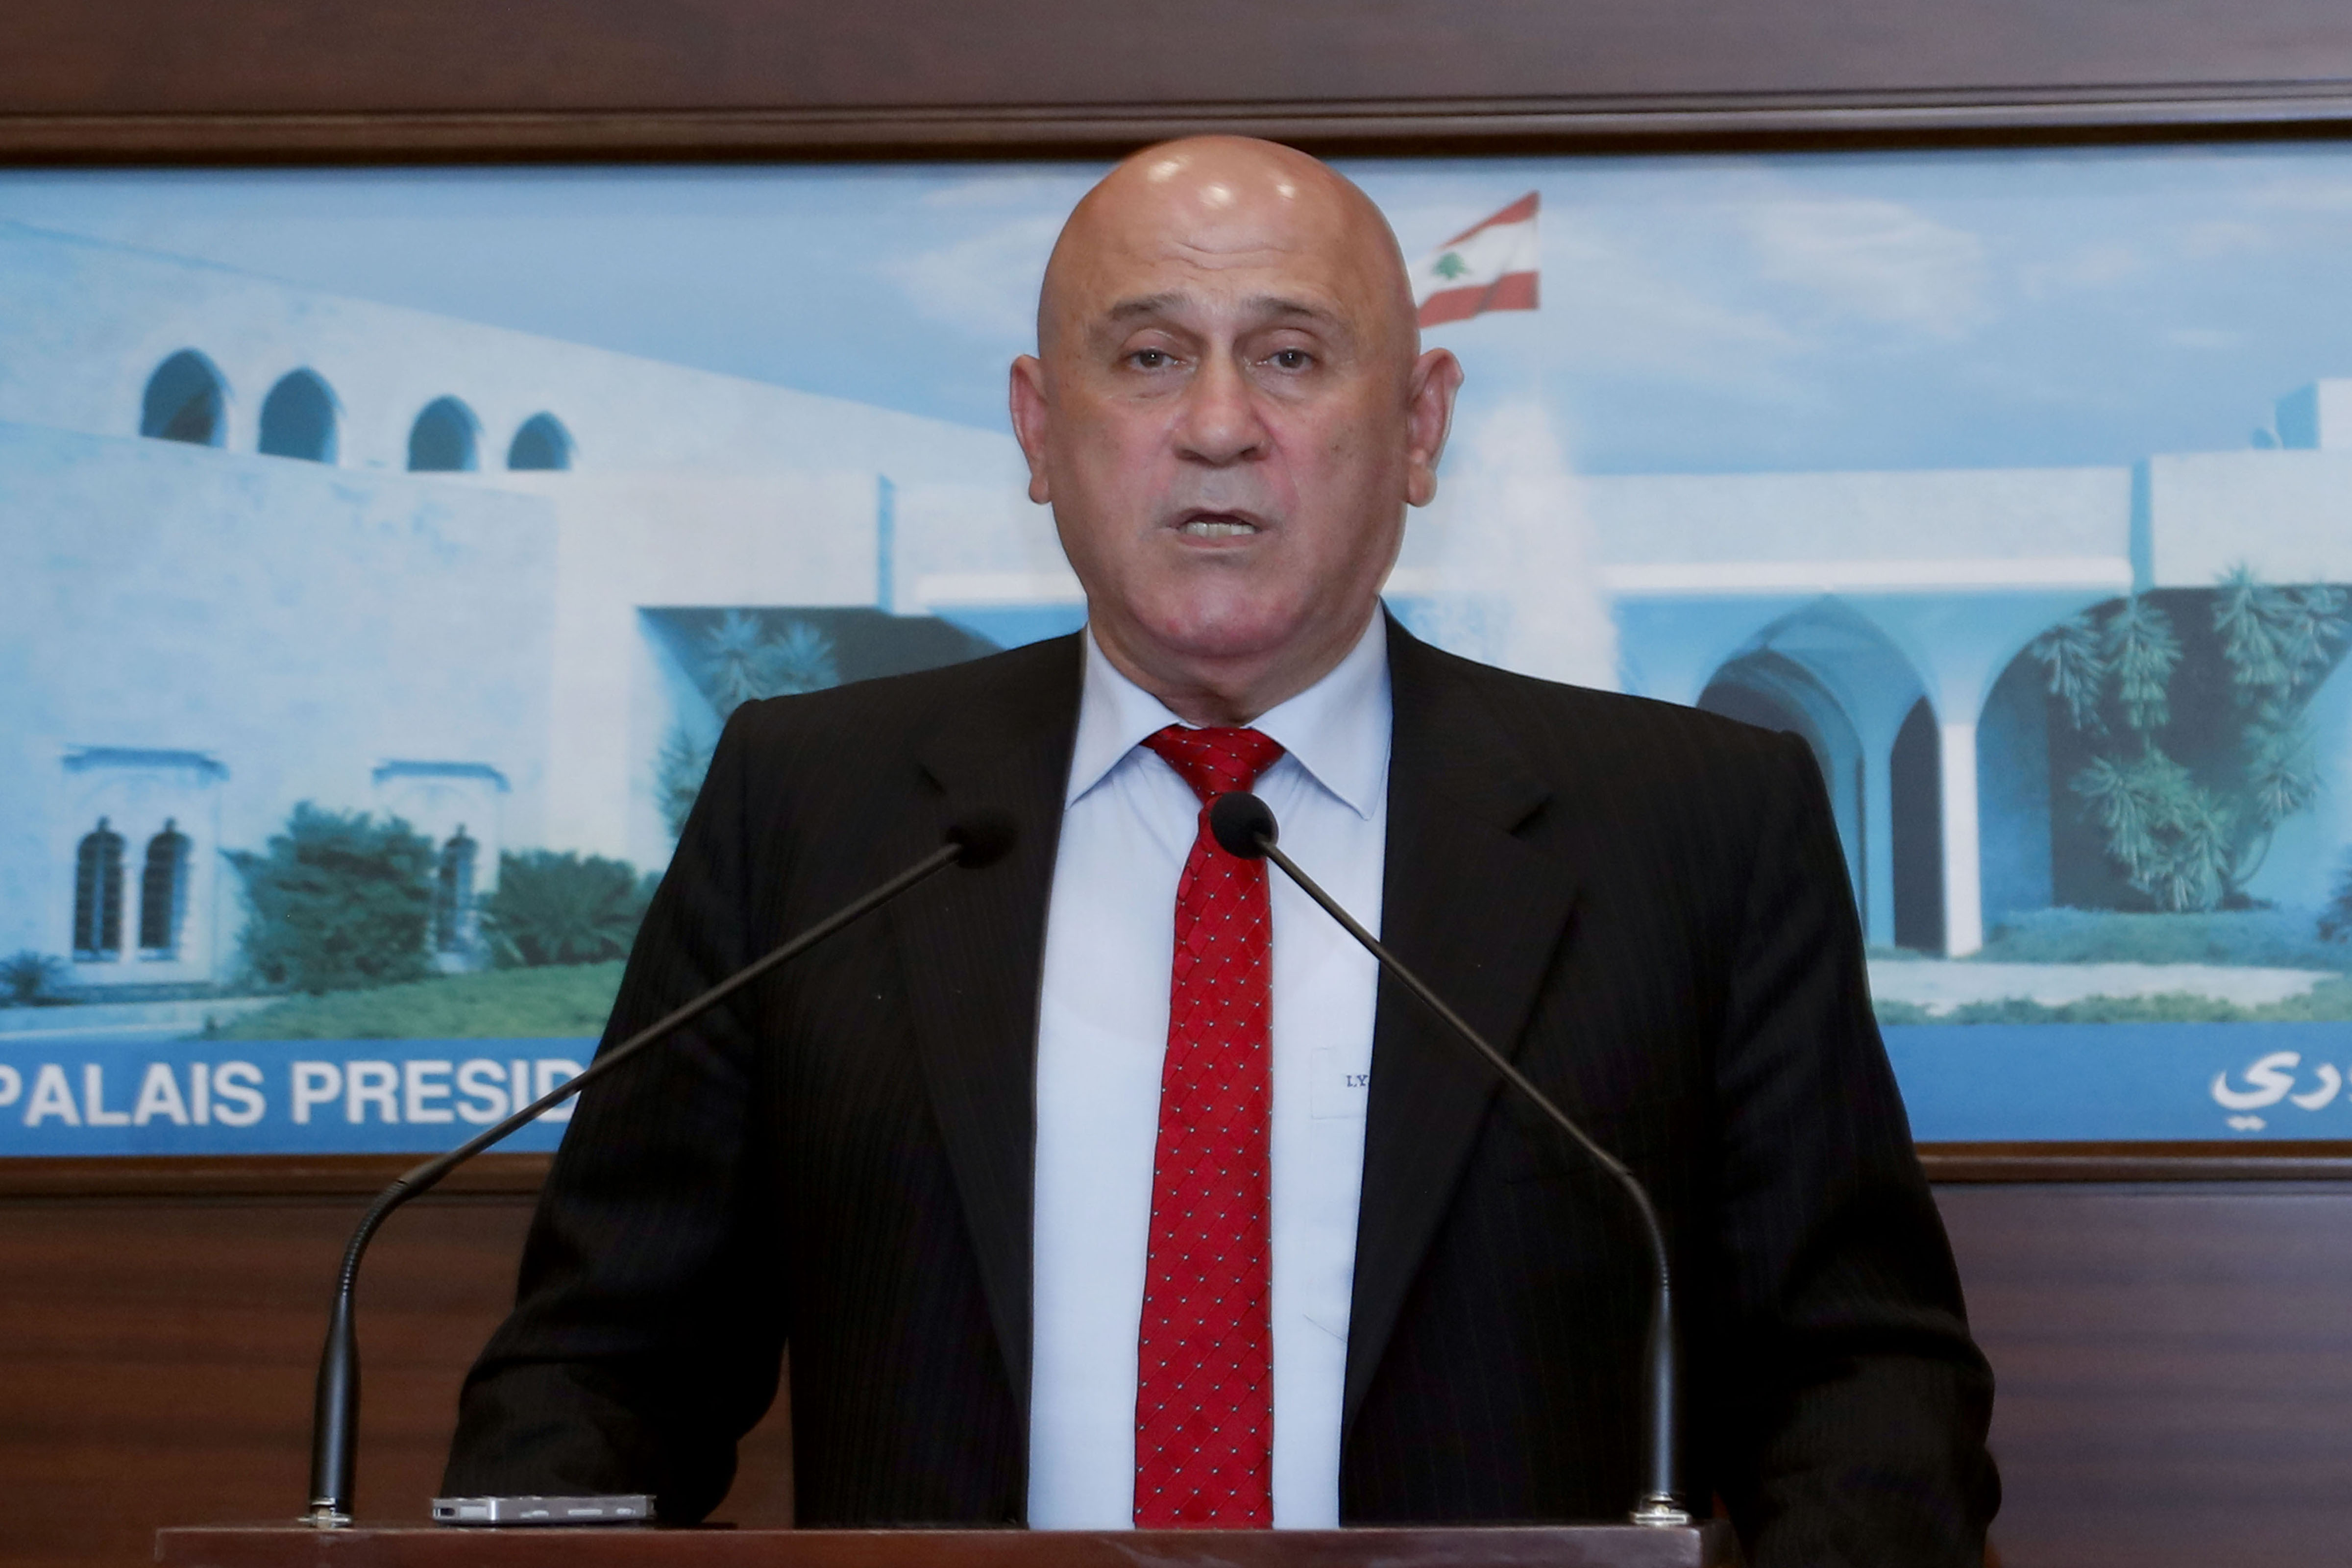 1 - Miinister Imad Hoballah 1